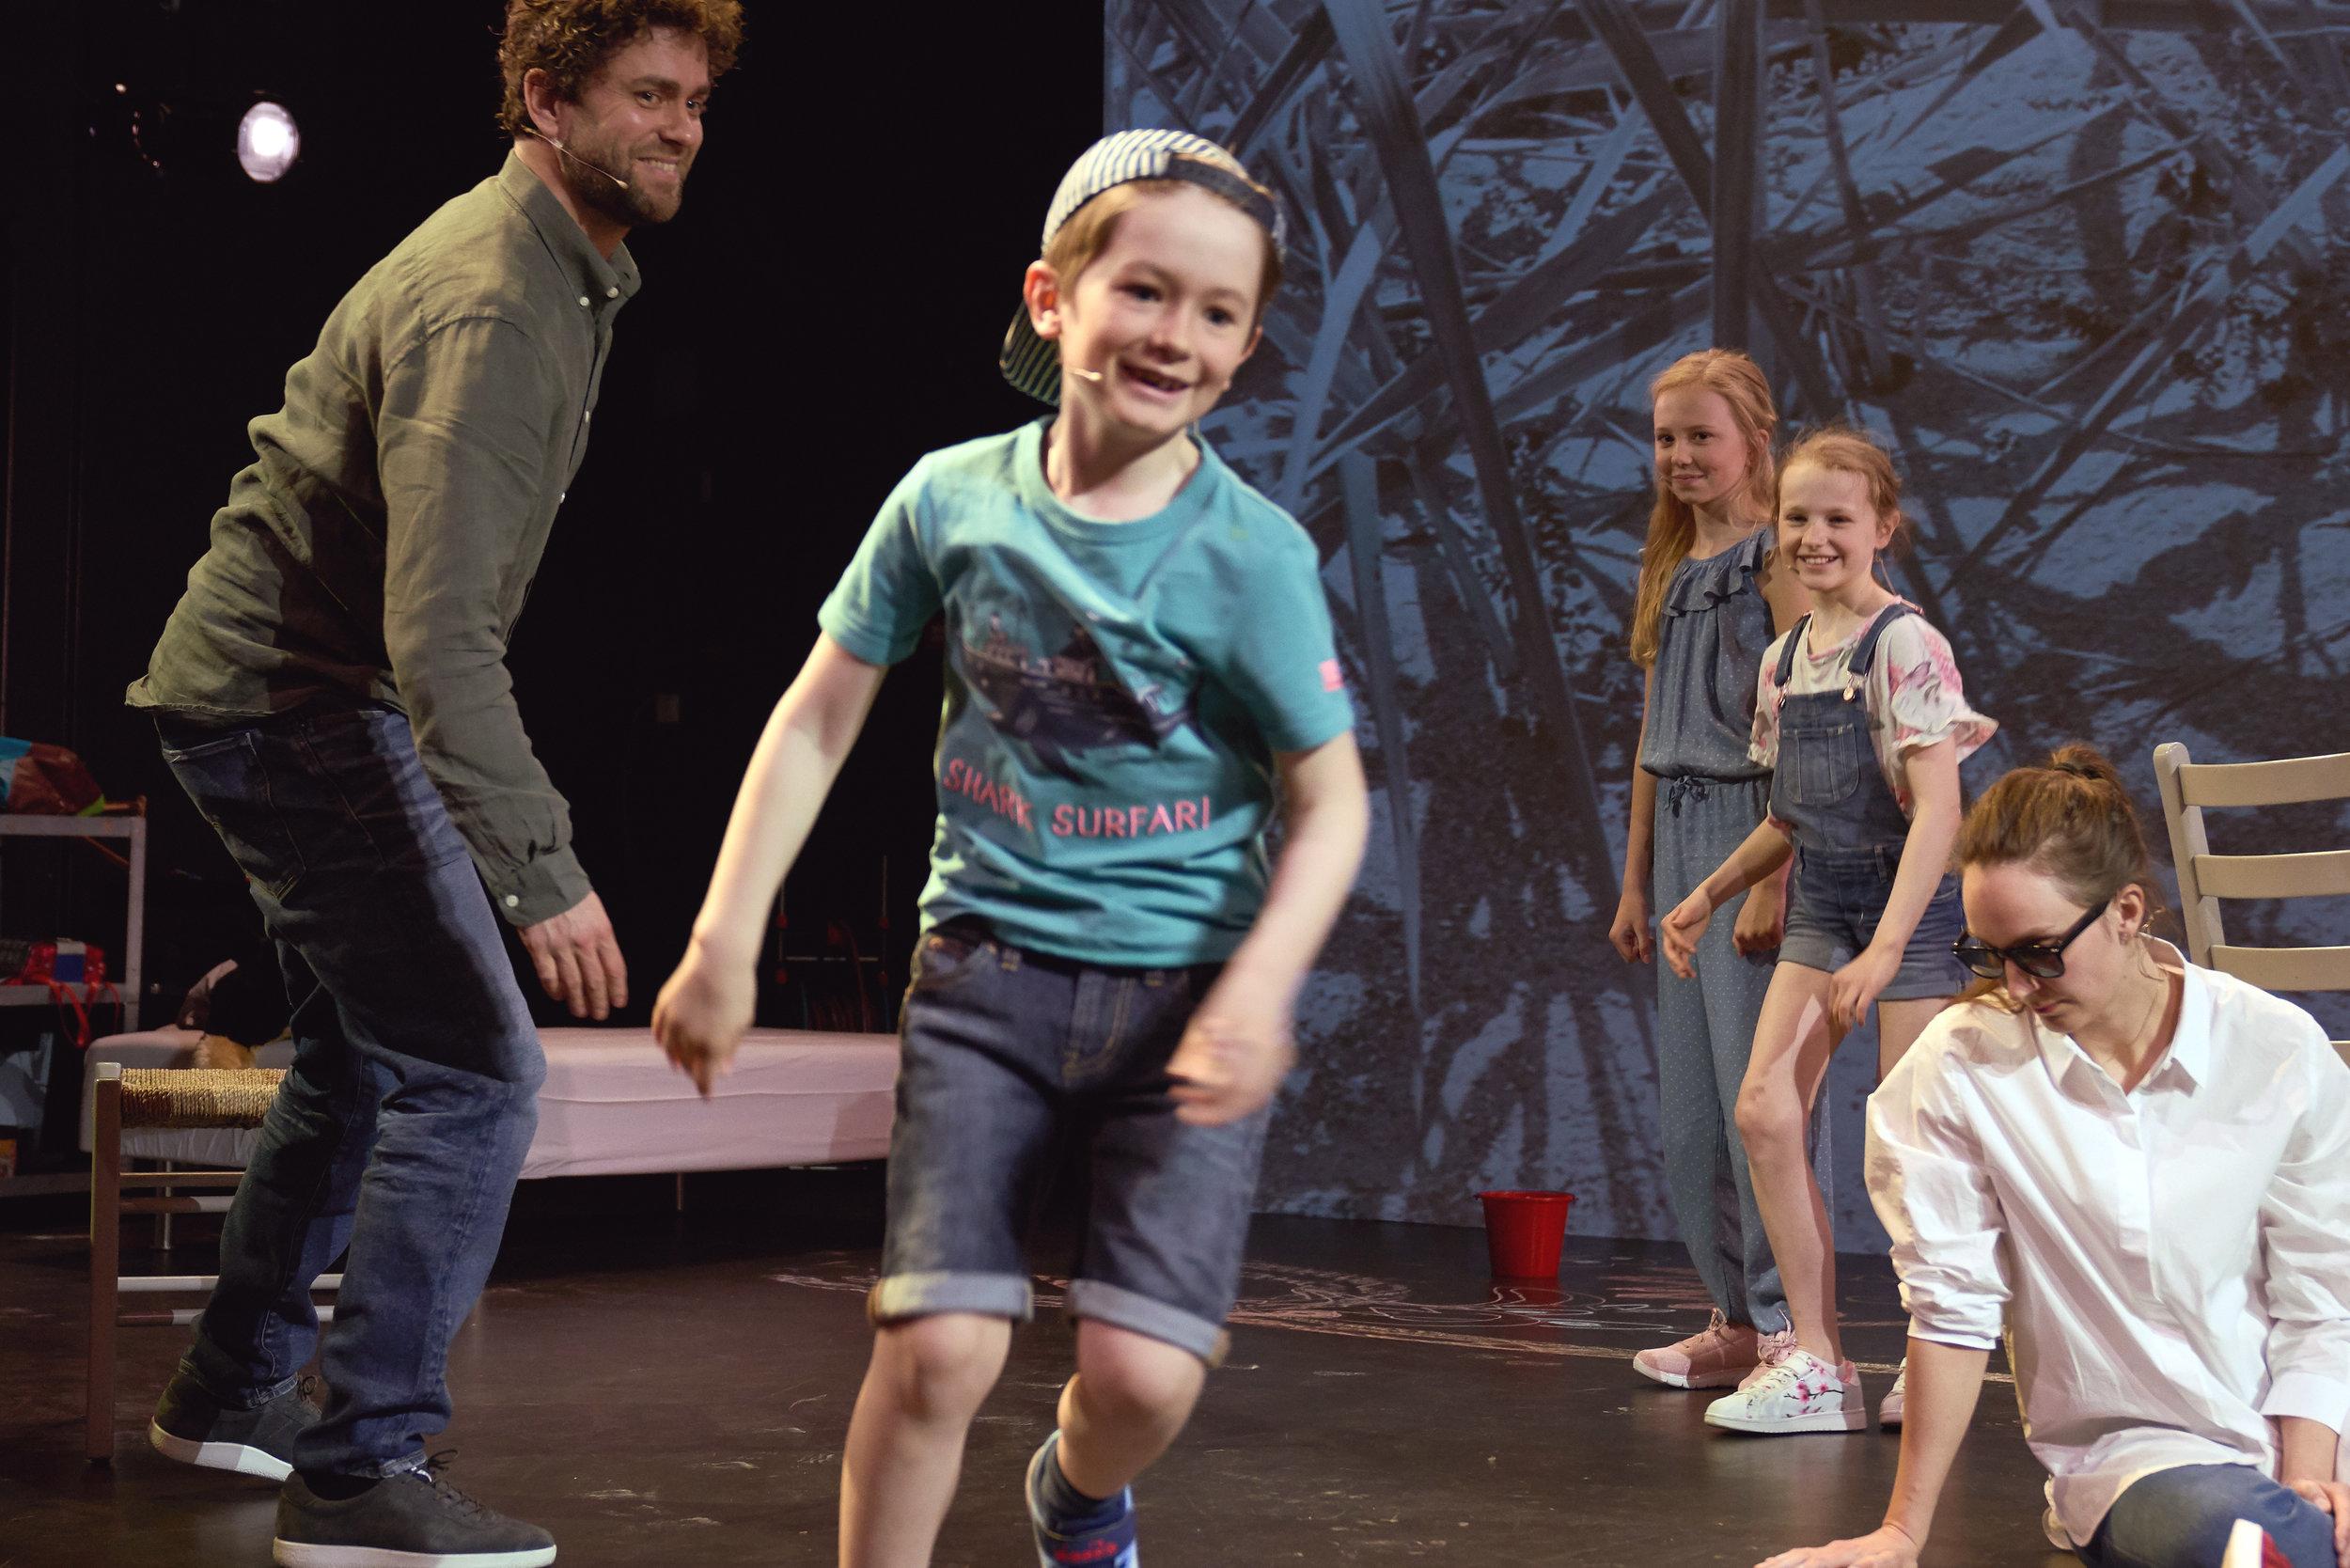 Faren (Torbjørn Eriksen), sønnen (Emil Middelthon) og døtrene (Ida Sagen Skandsen og Johanne Veland Bakke) med moren (Ragnhild Arnestad Mønness).